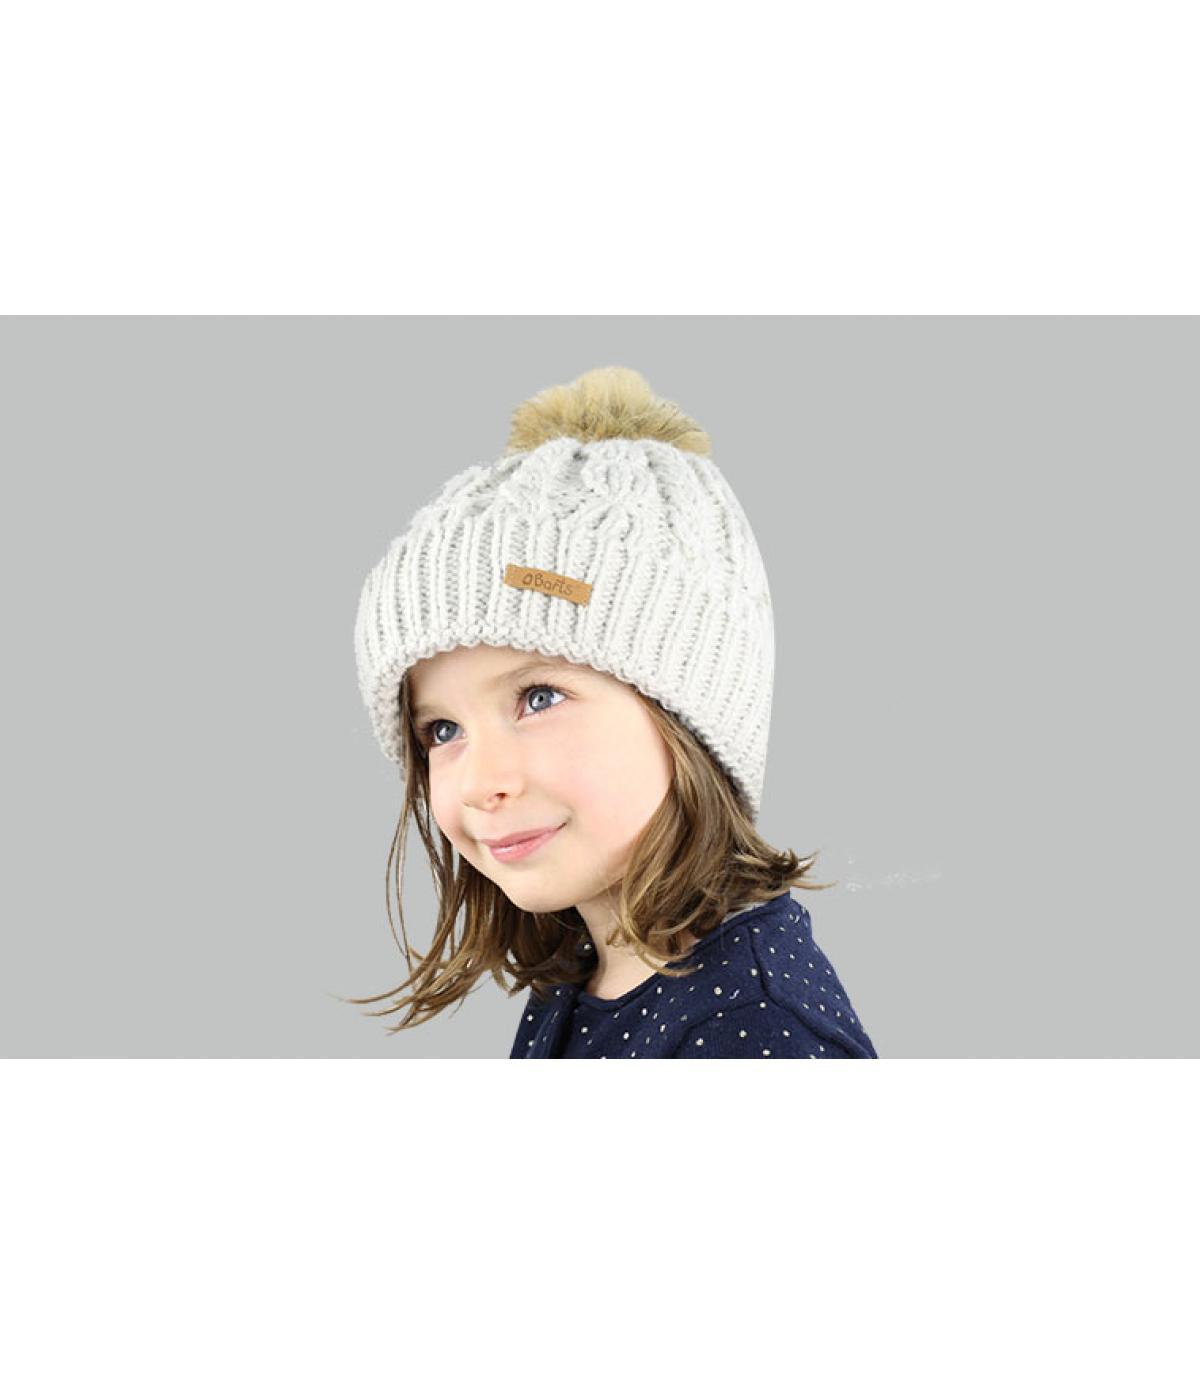 Hellgraue Mädchen Mütze